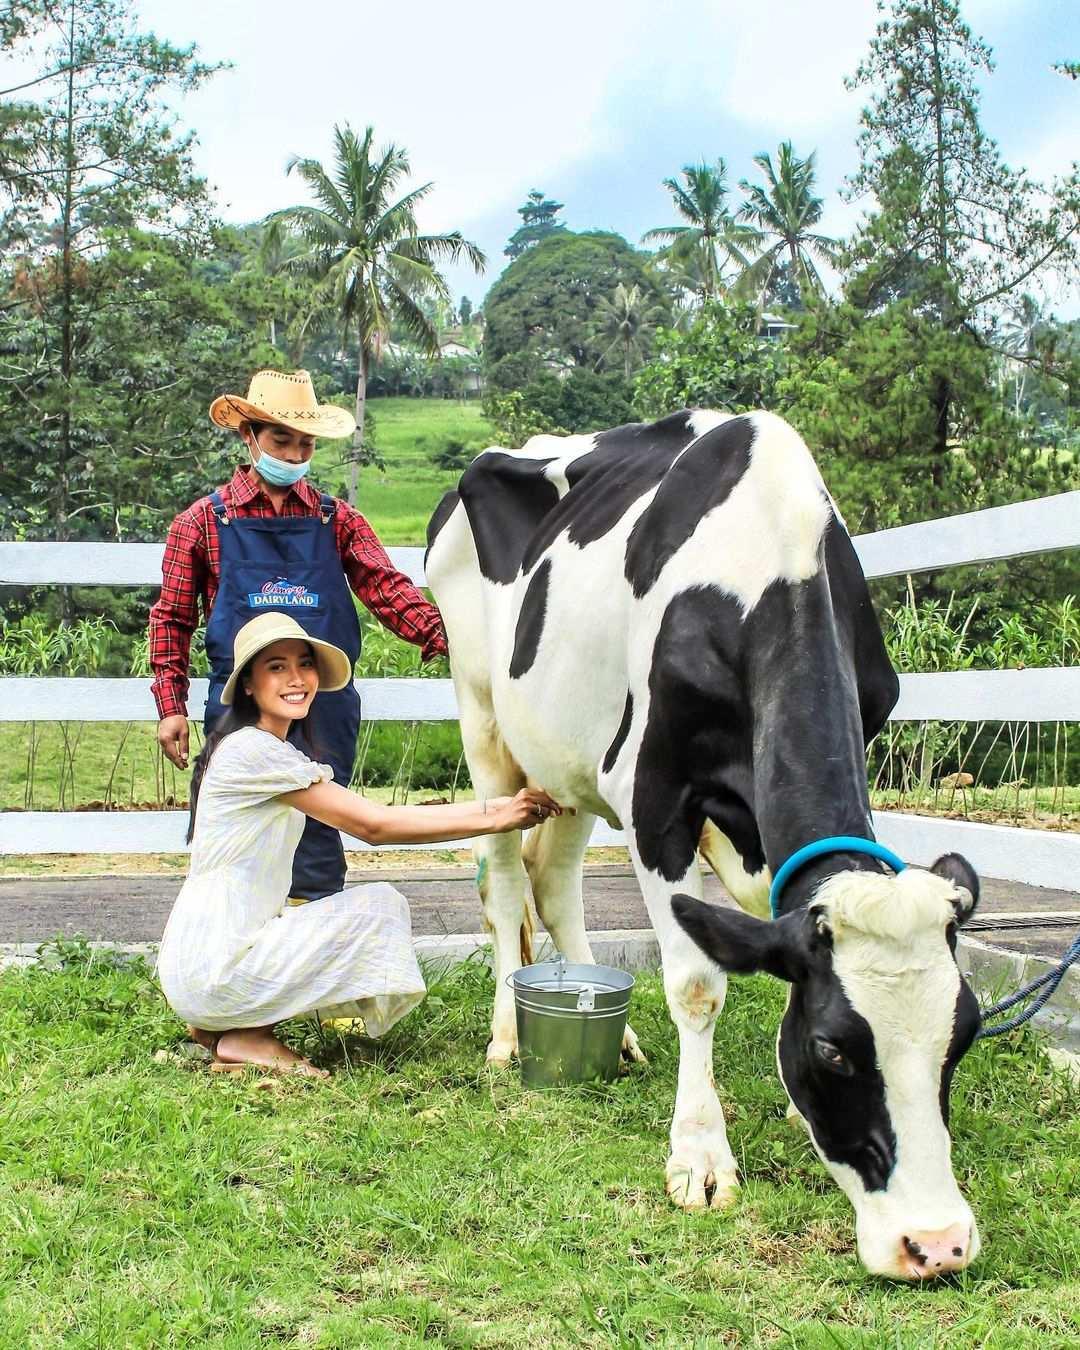 Memeras Susu Sapi Di Cimory Dairyland Puncak Bogor Image From @cimorydairyland Puncak